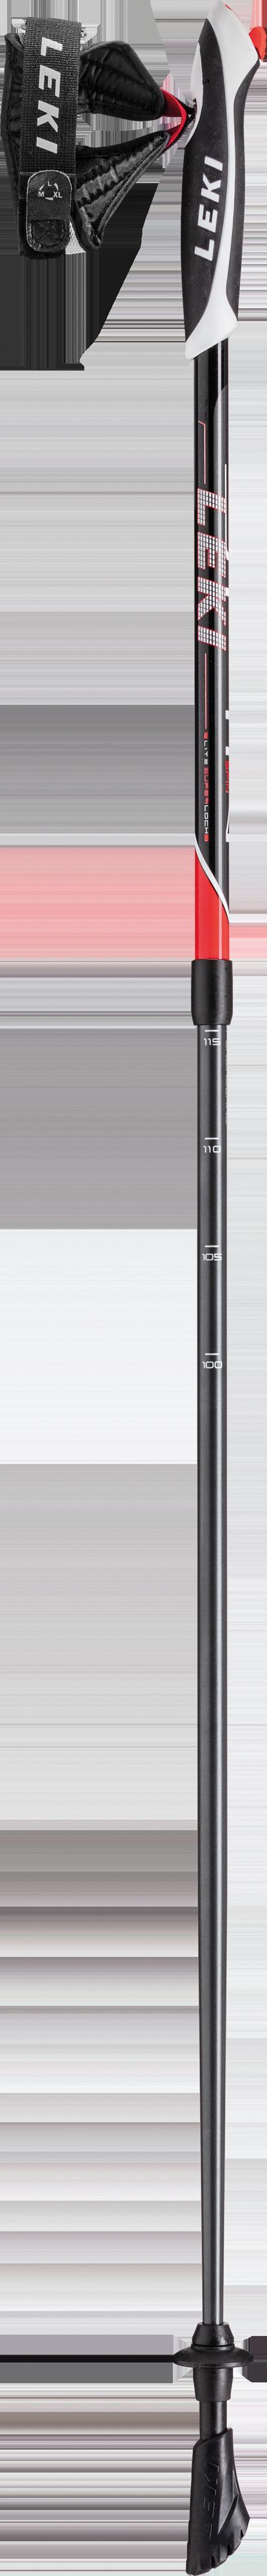 Spin 100-130 cm